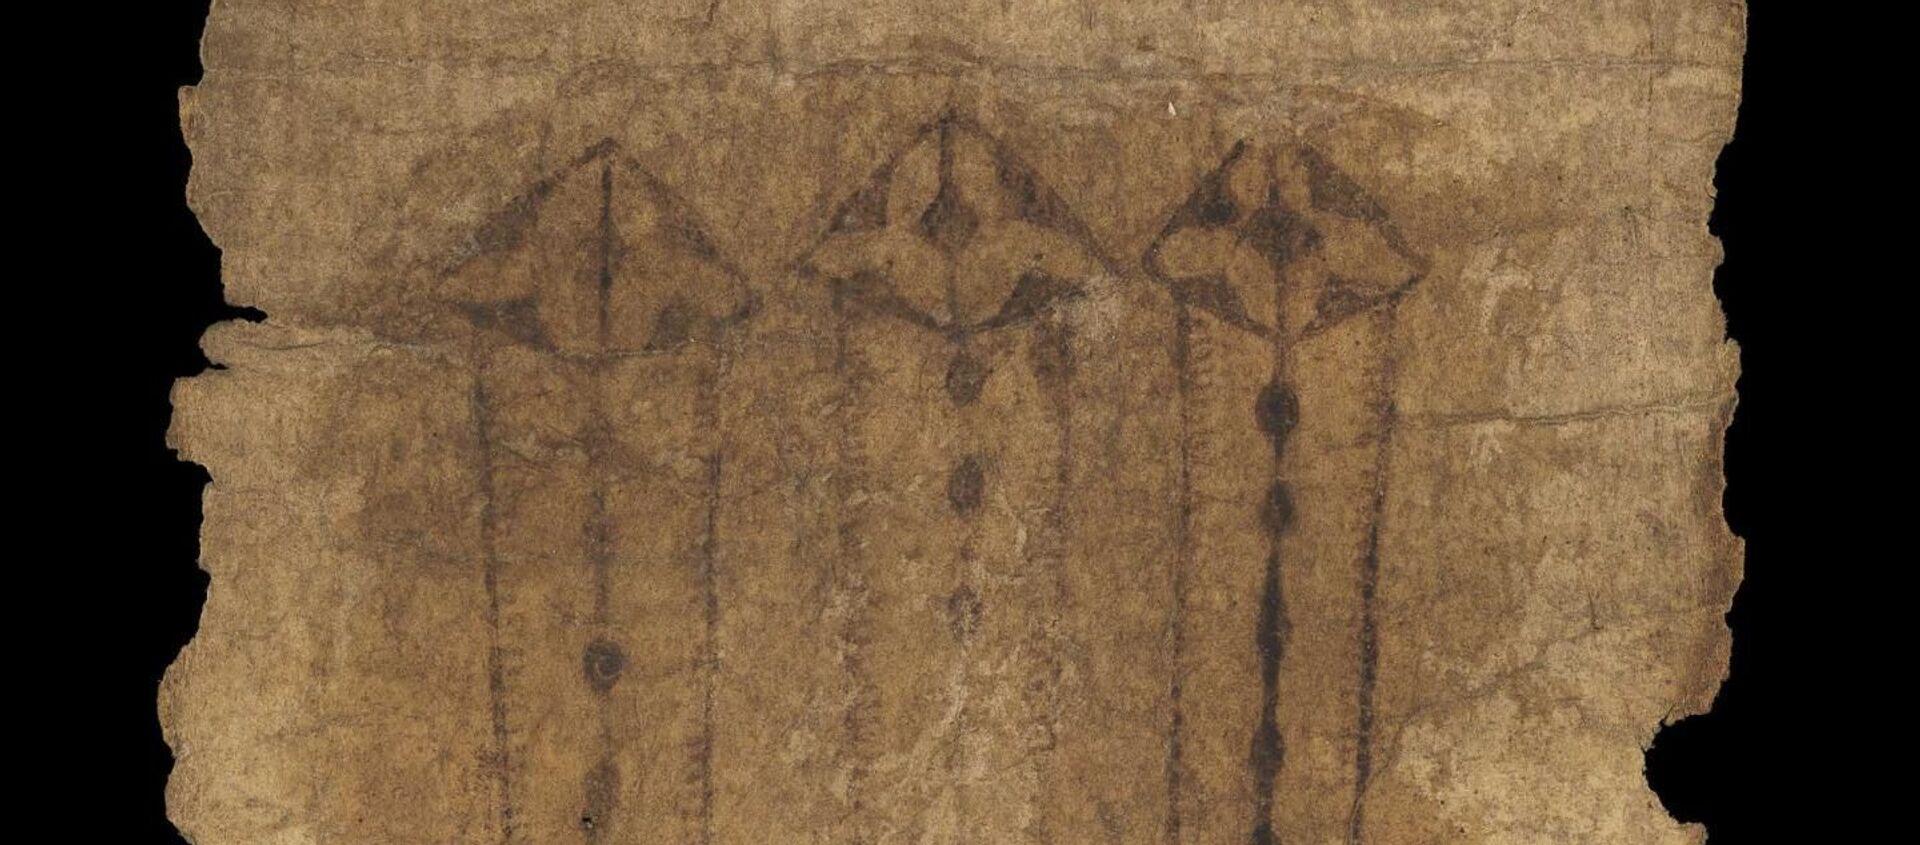 Pas z owczej skóry z XV wieku, służący jako talizman podczas porodu. - Sputnik Polska, 1920, 11.03.2021